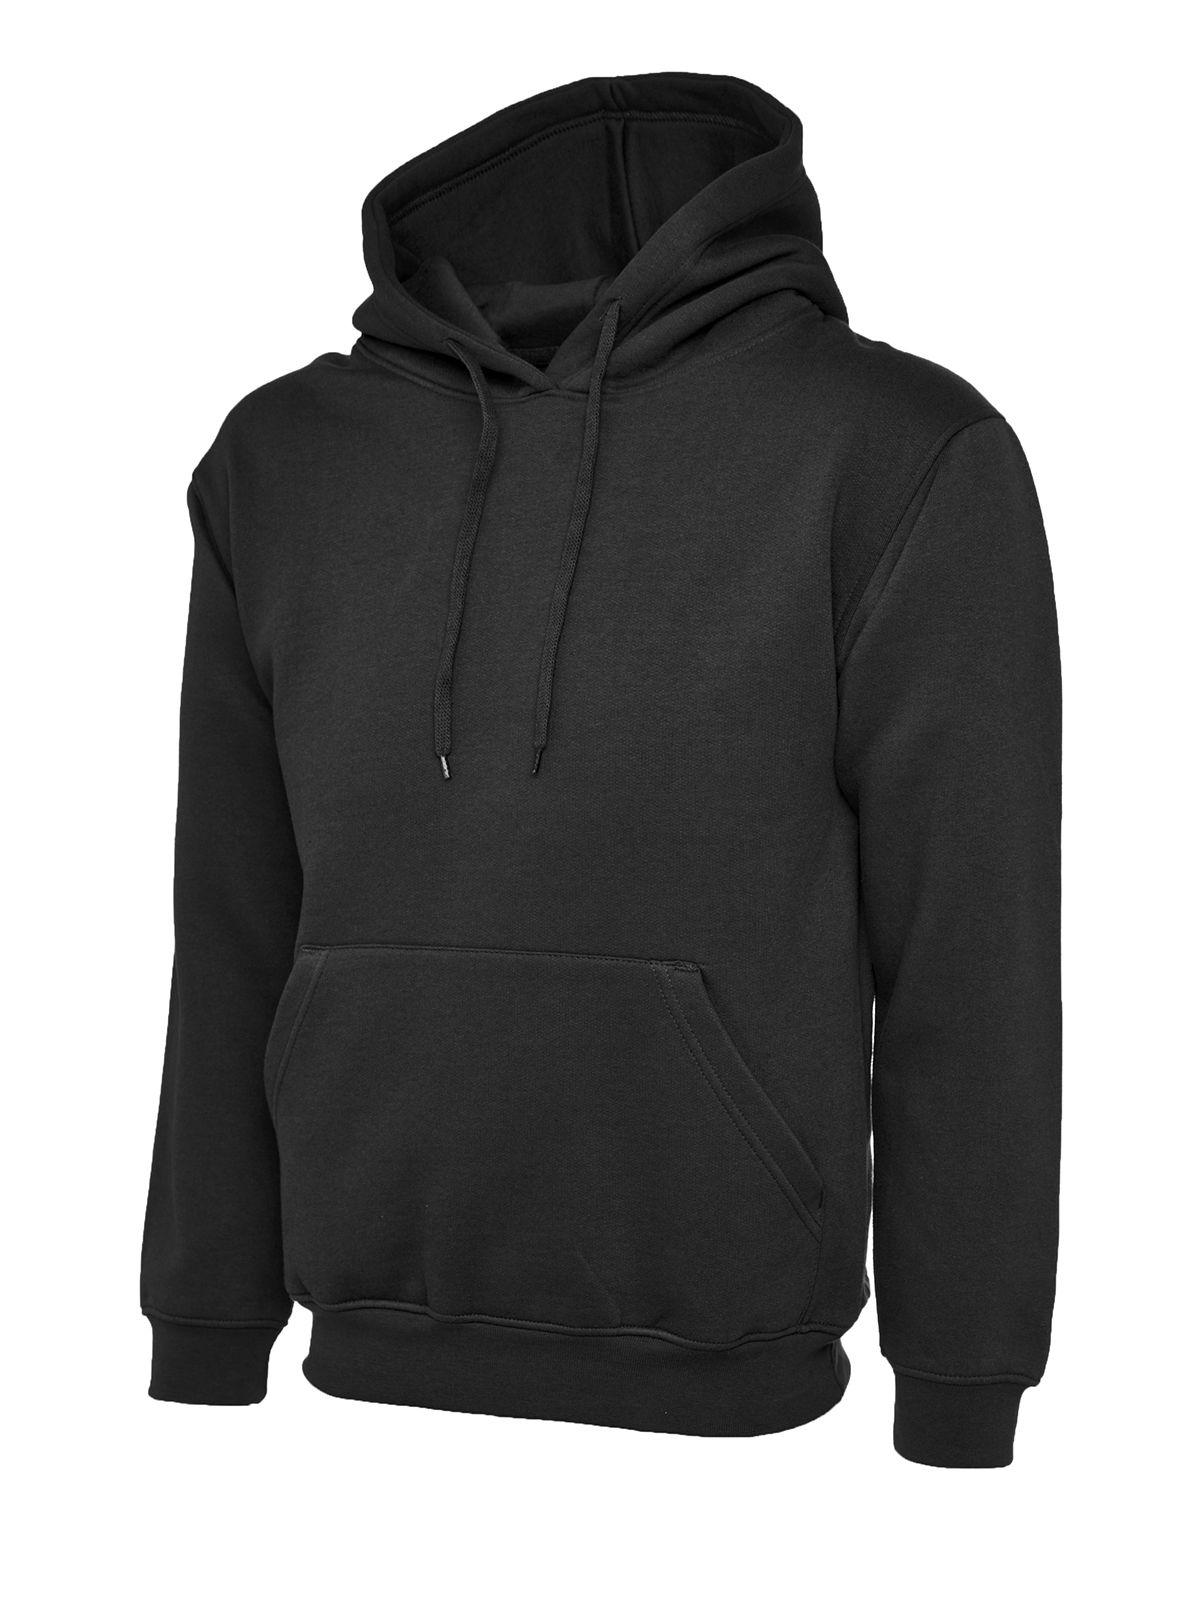 Uneek UC501 black or navy blue premium 350g hooded sweatshirt hoodie size S-2XL